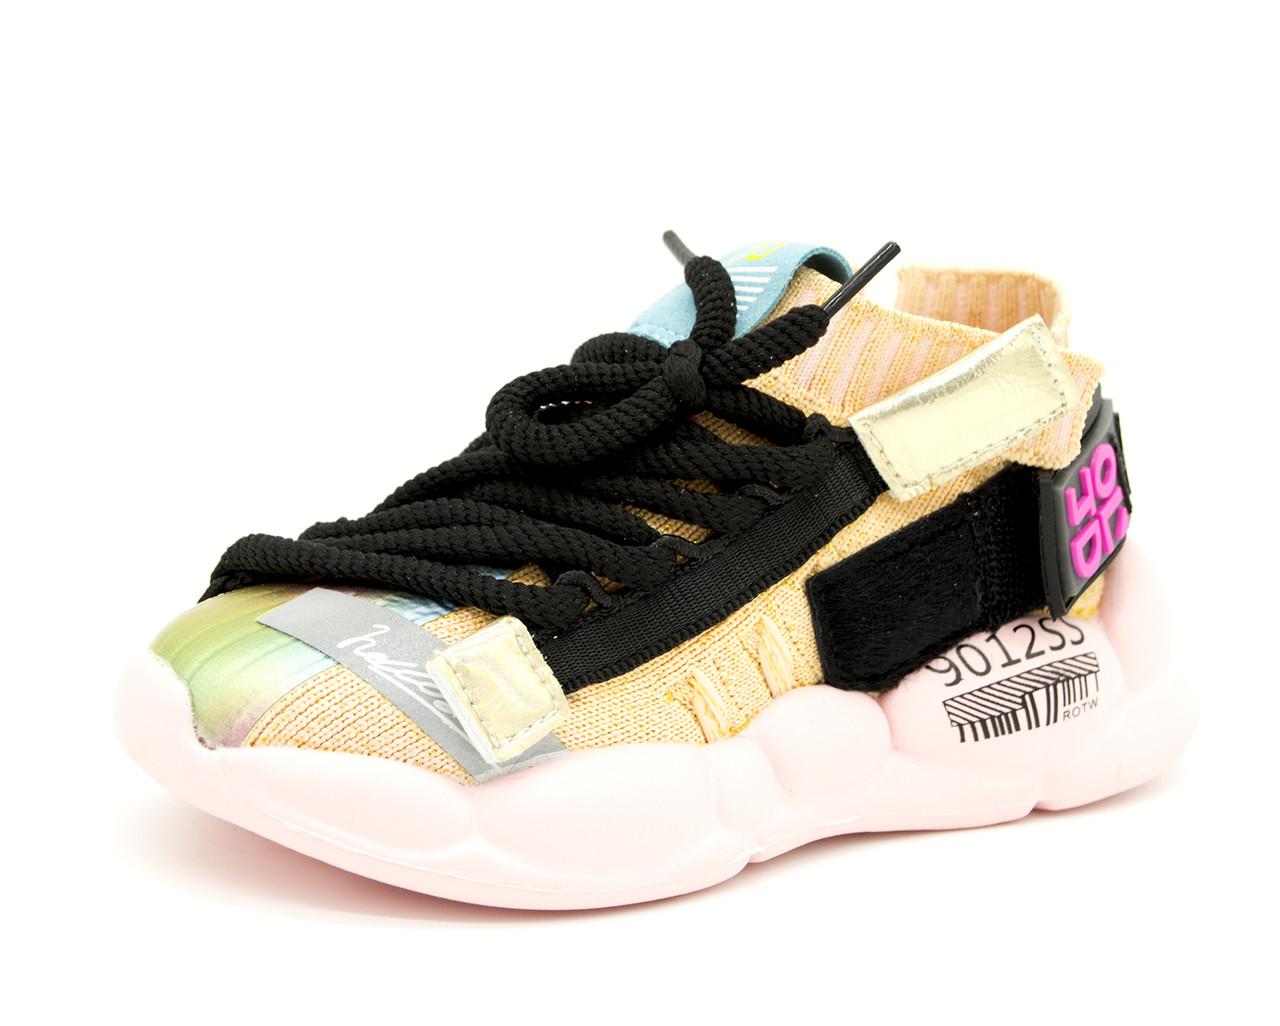 Кроссовки для девочки Разноцветный Размеры: 29